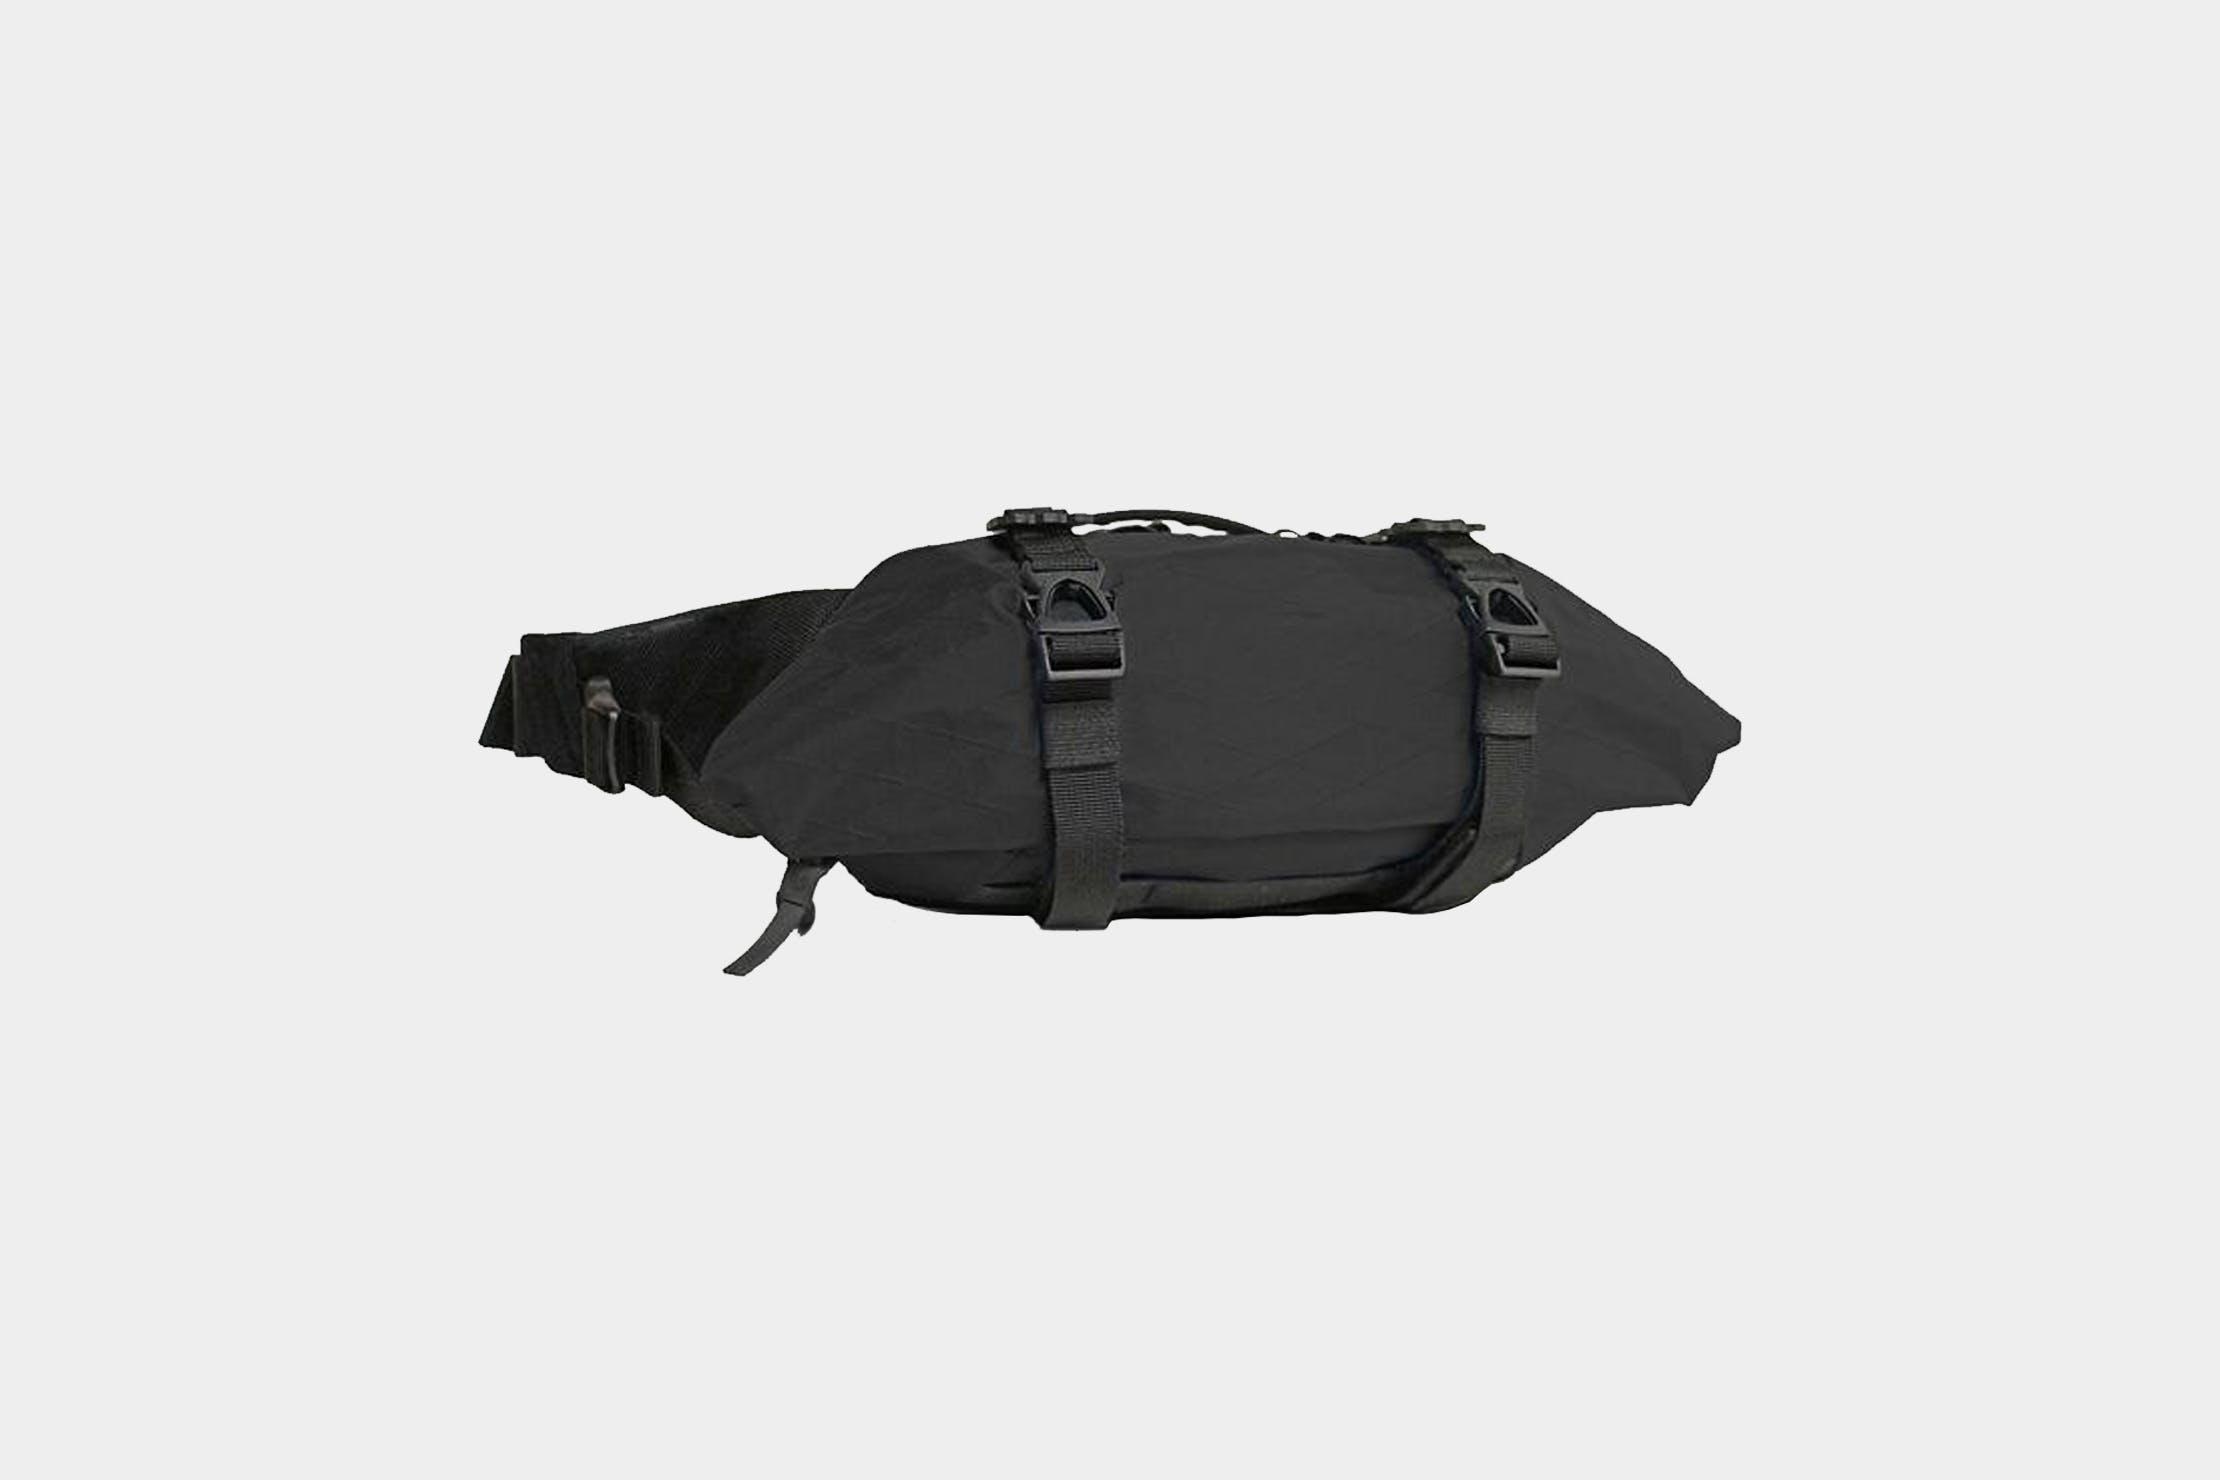 Walking Purse Travel Bag Vintage Fanny Pack Bike Bag Black Leather Decorative Design